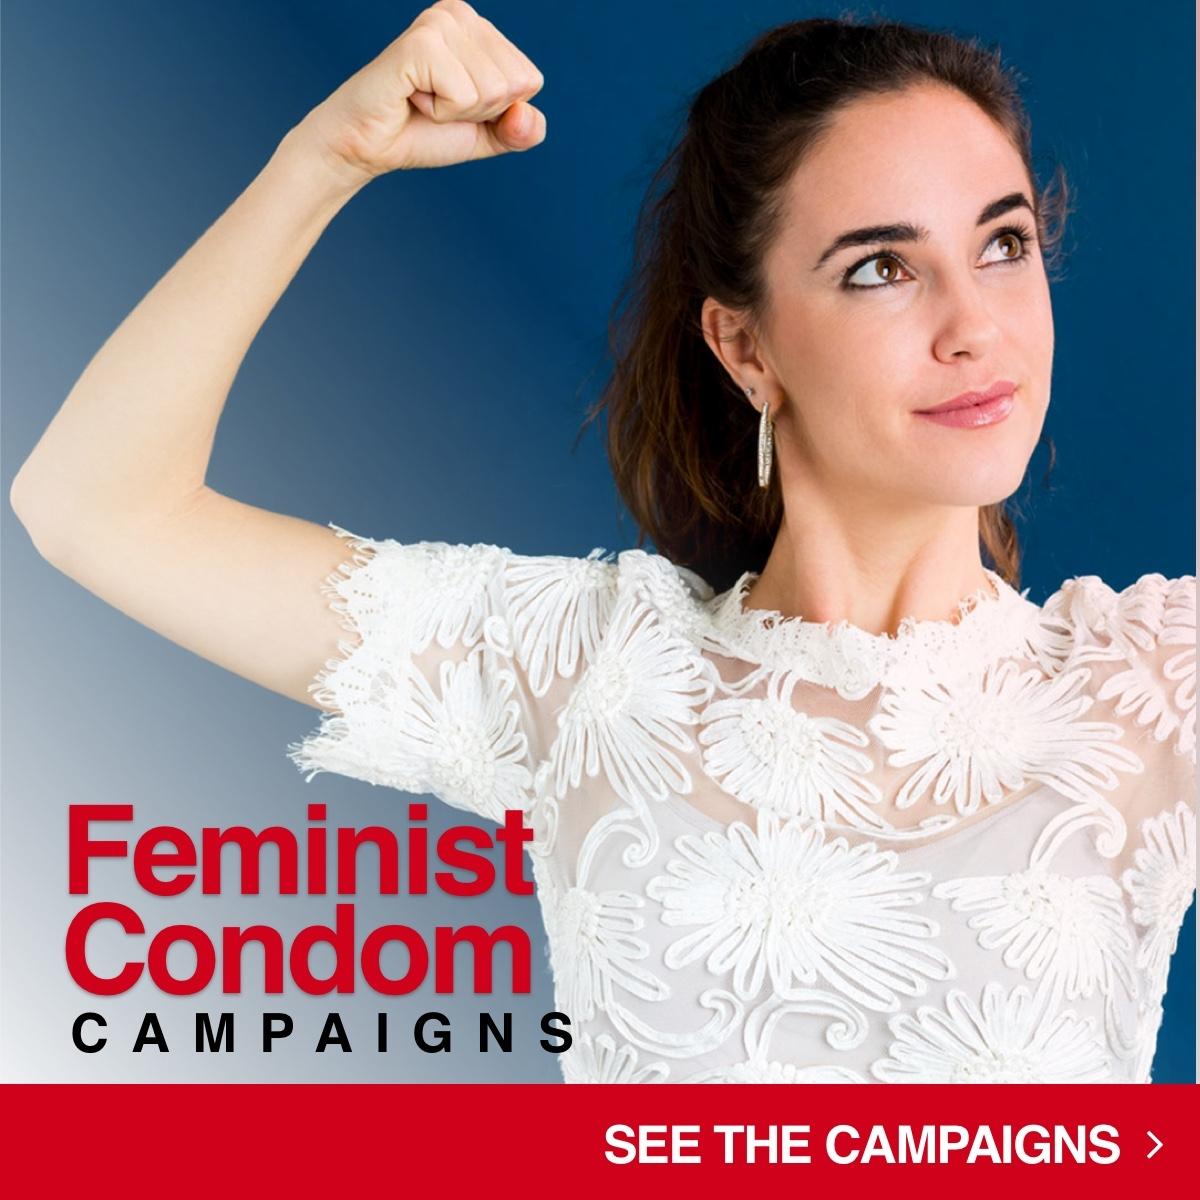 Feminist Condoms